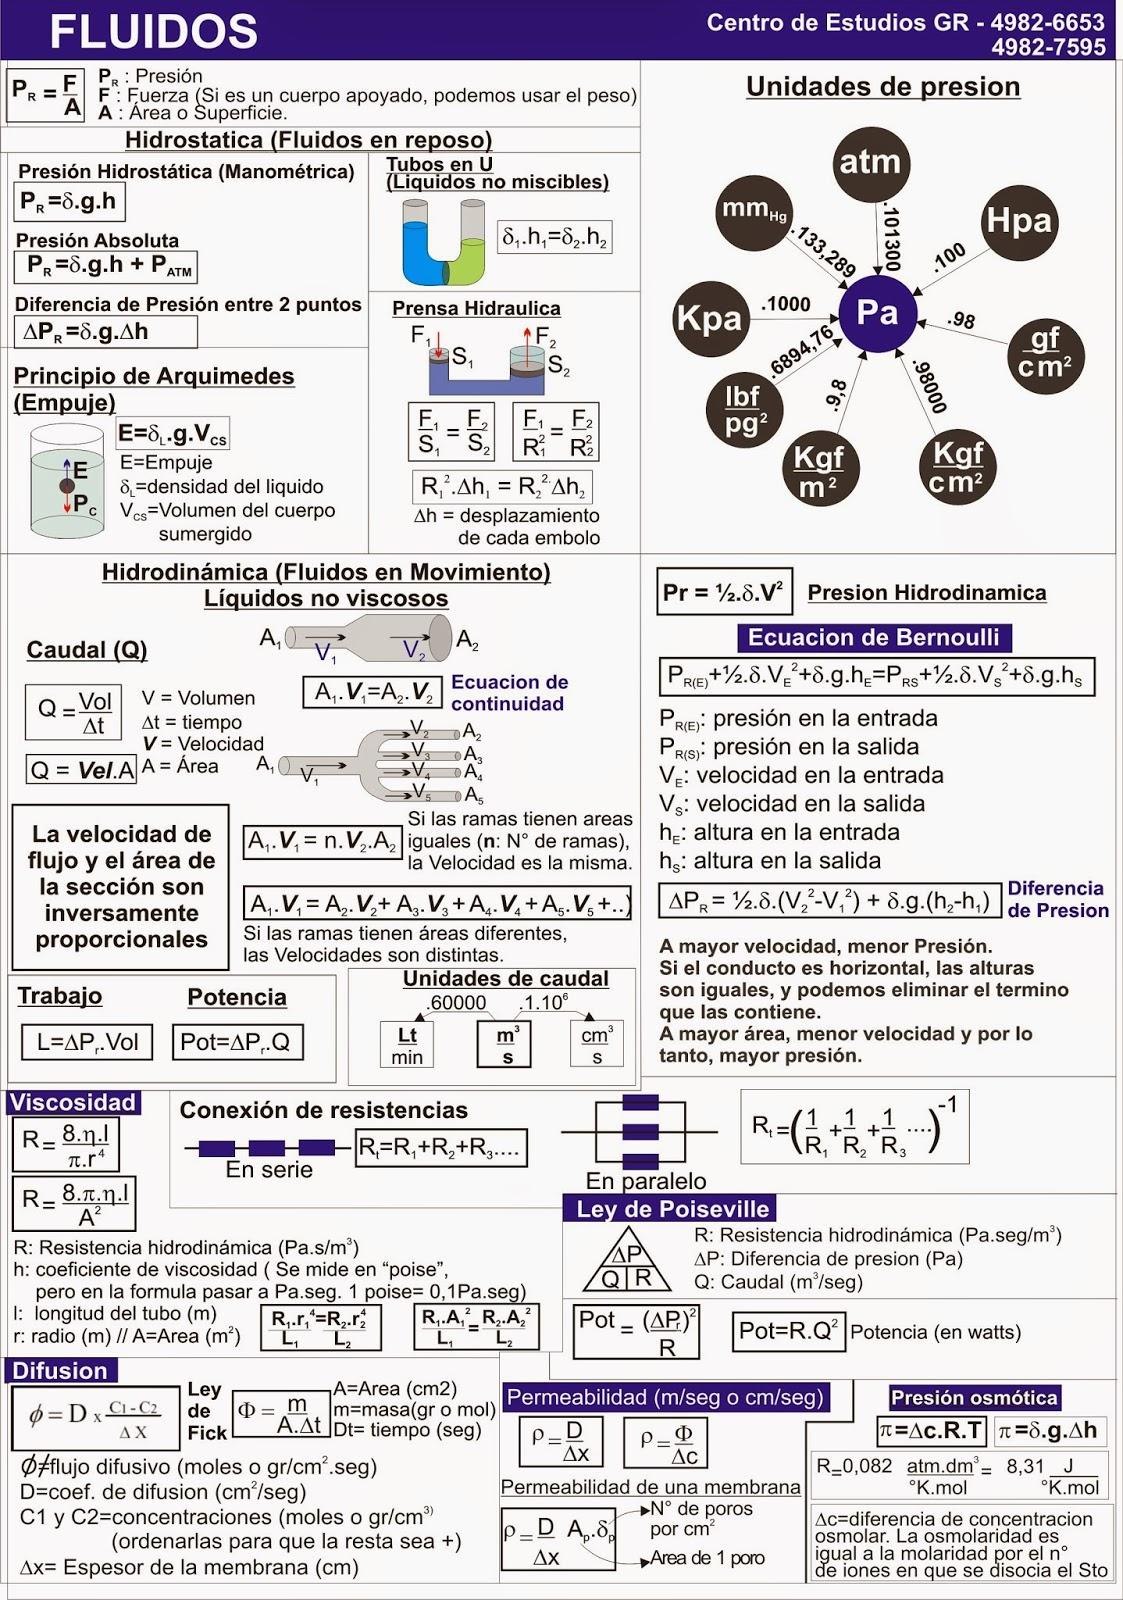 Biofisica - Quimica - Matemática - CBC: NUEVAS HOJAS DE FORMULAS DE ...